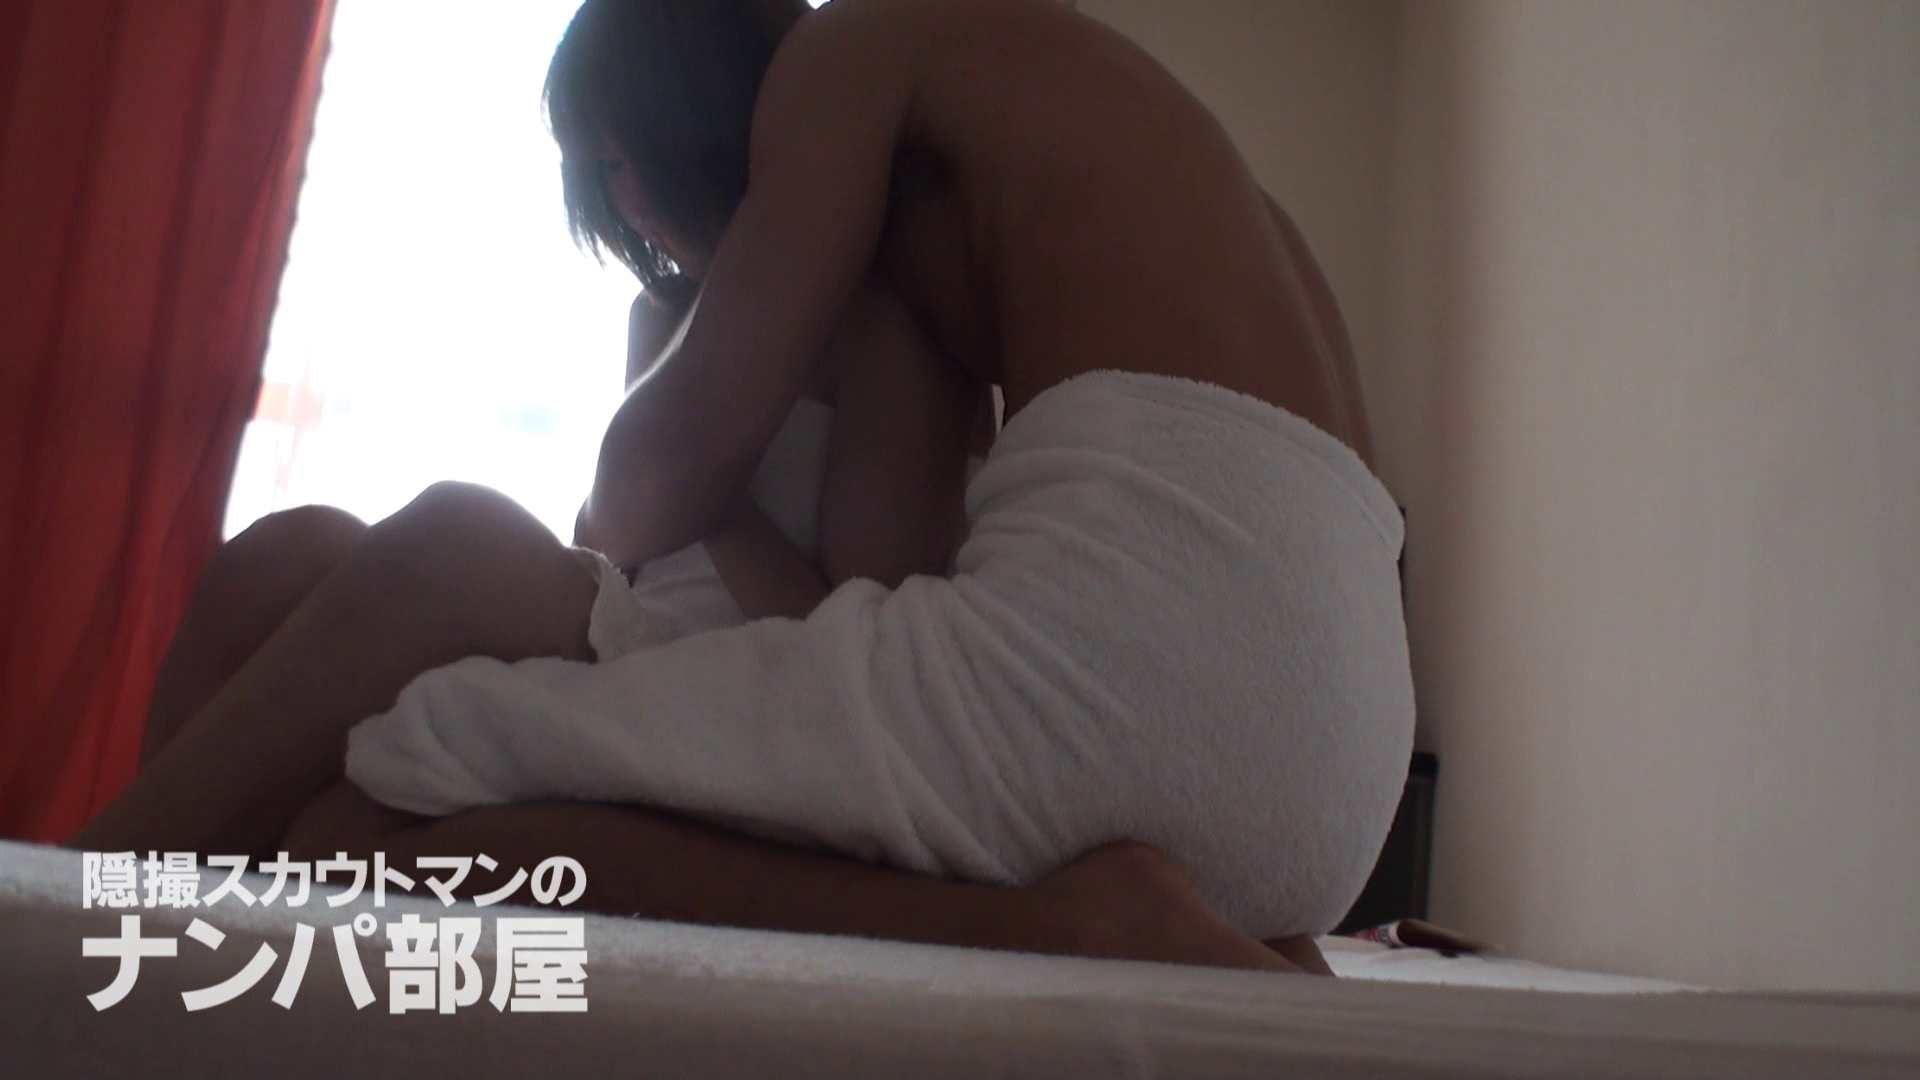 隠撮スカウトマンのナンパ部屋~風俗デビュー前のつまみ食い~ sii 脱衣所 | 隠撮  68画像 36